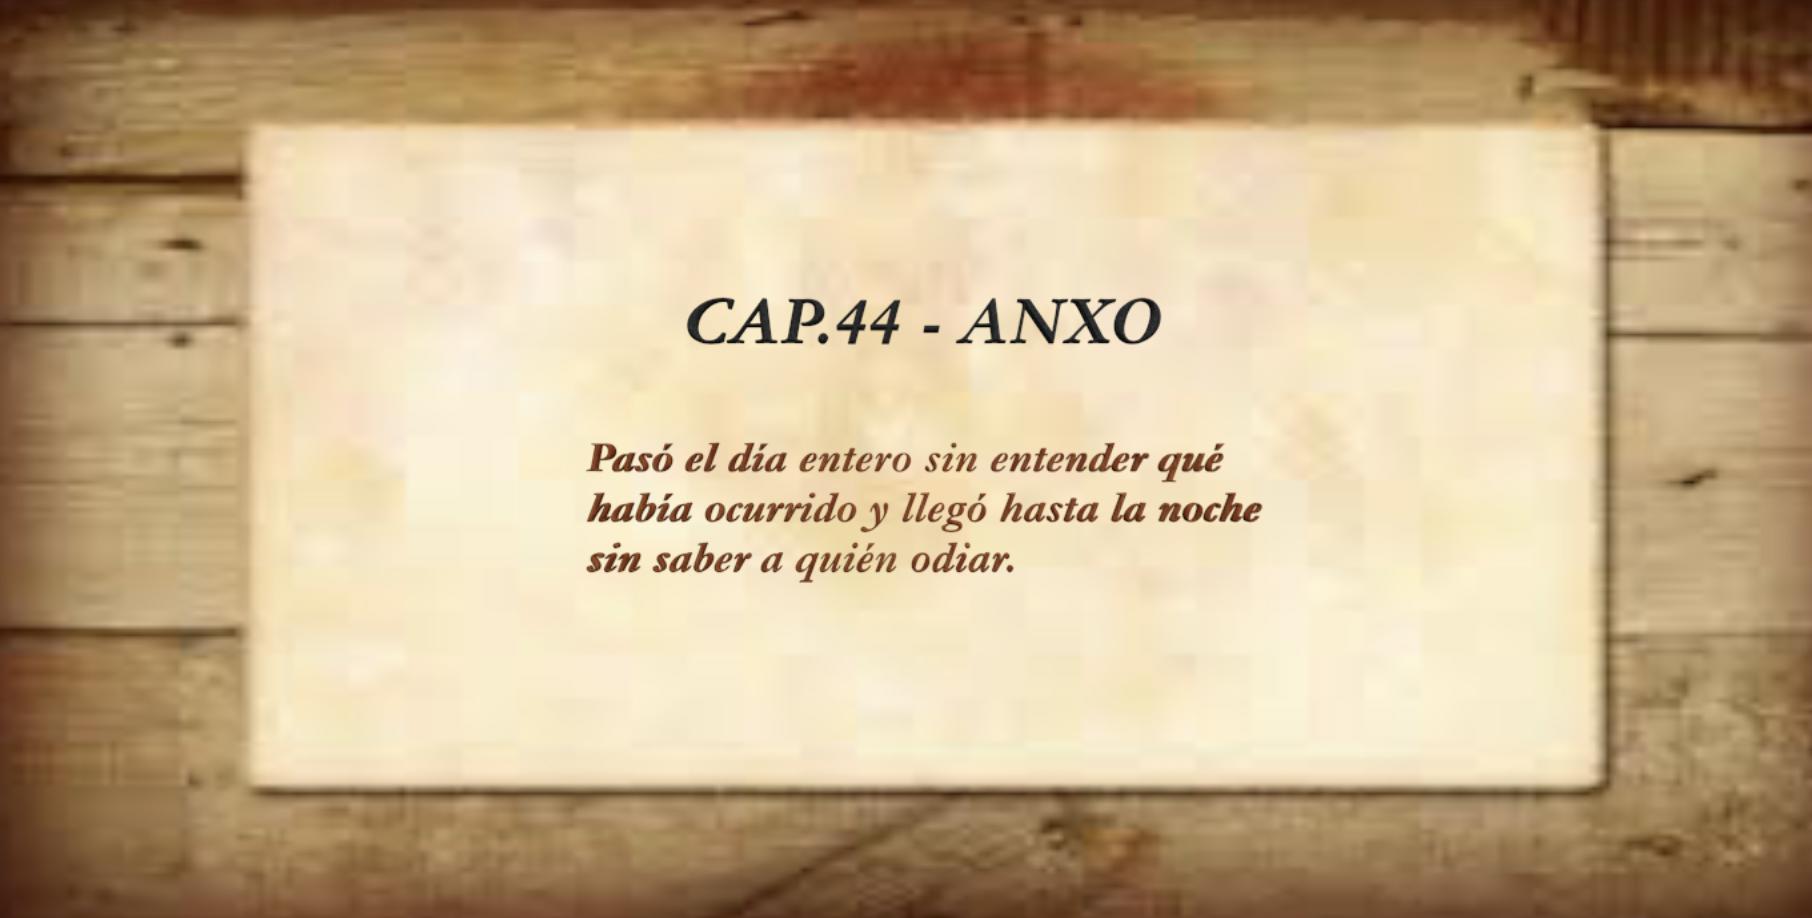 44 anxo 1